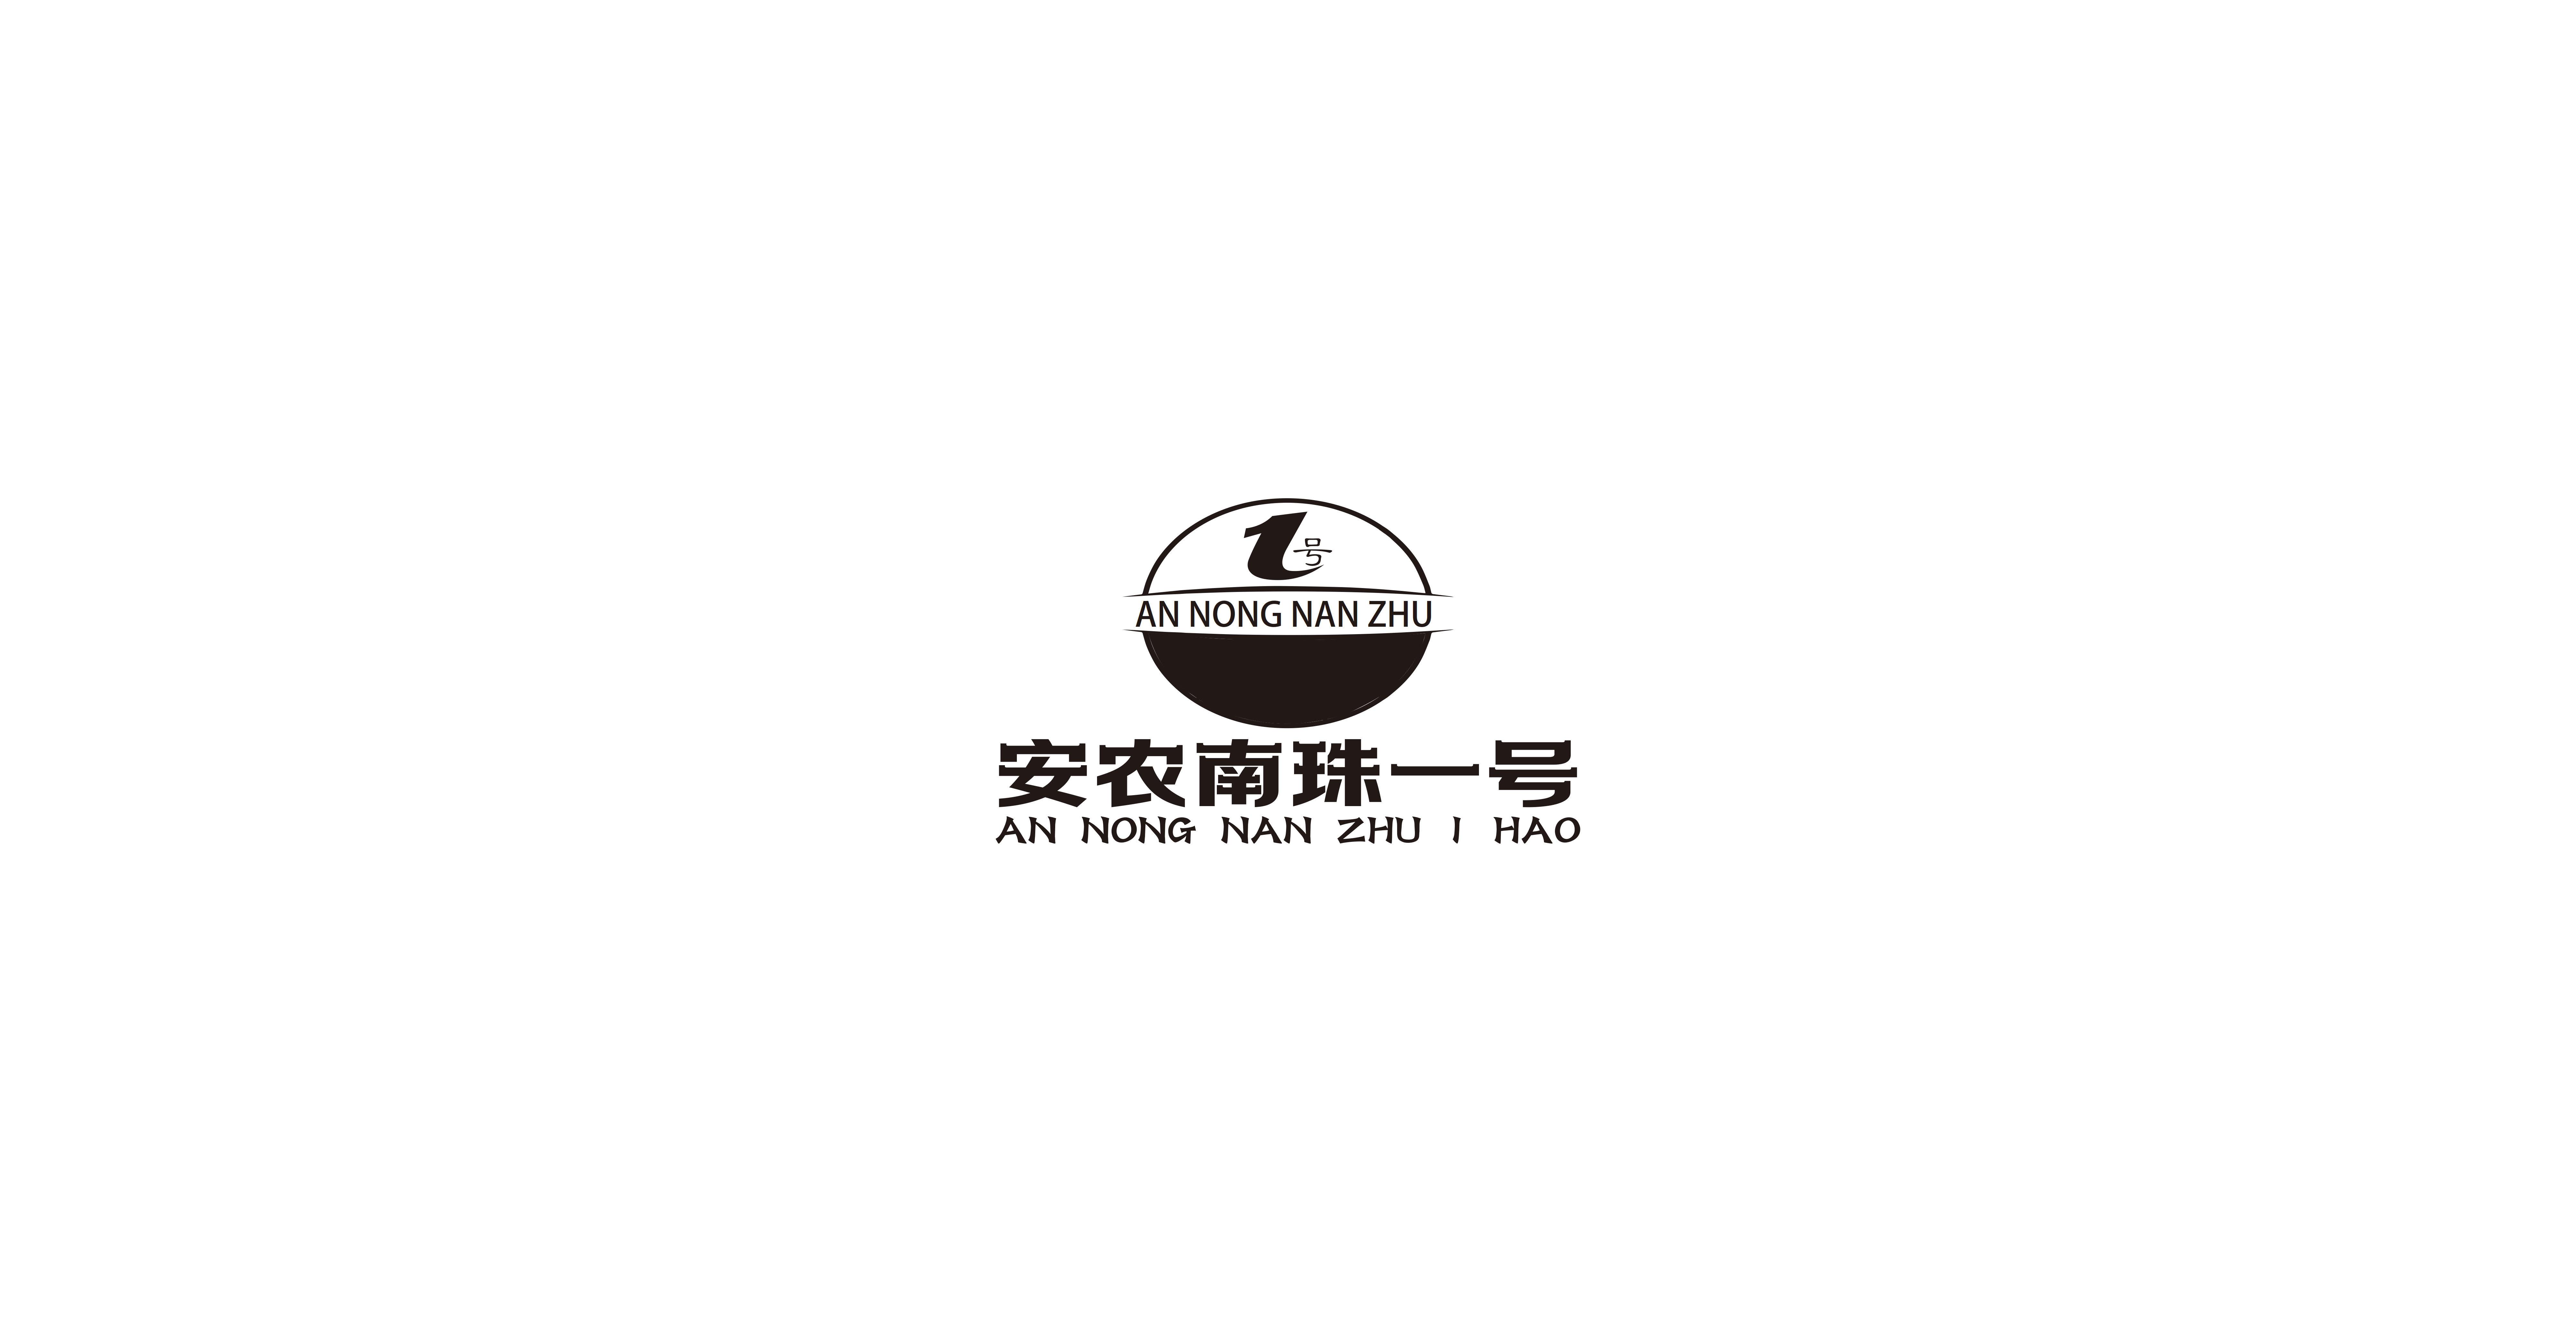 合浦县安农农业发展有限公司3